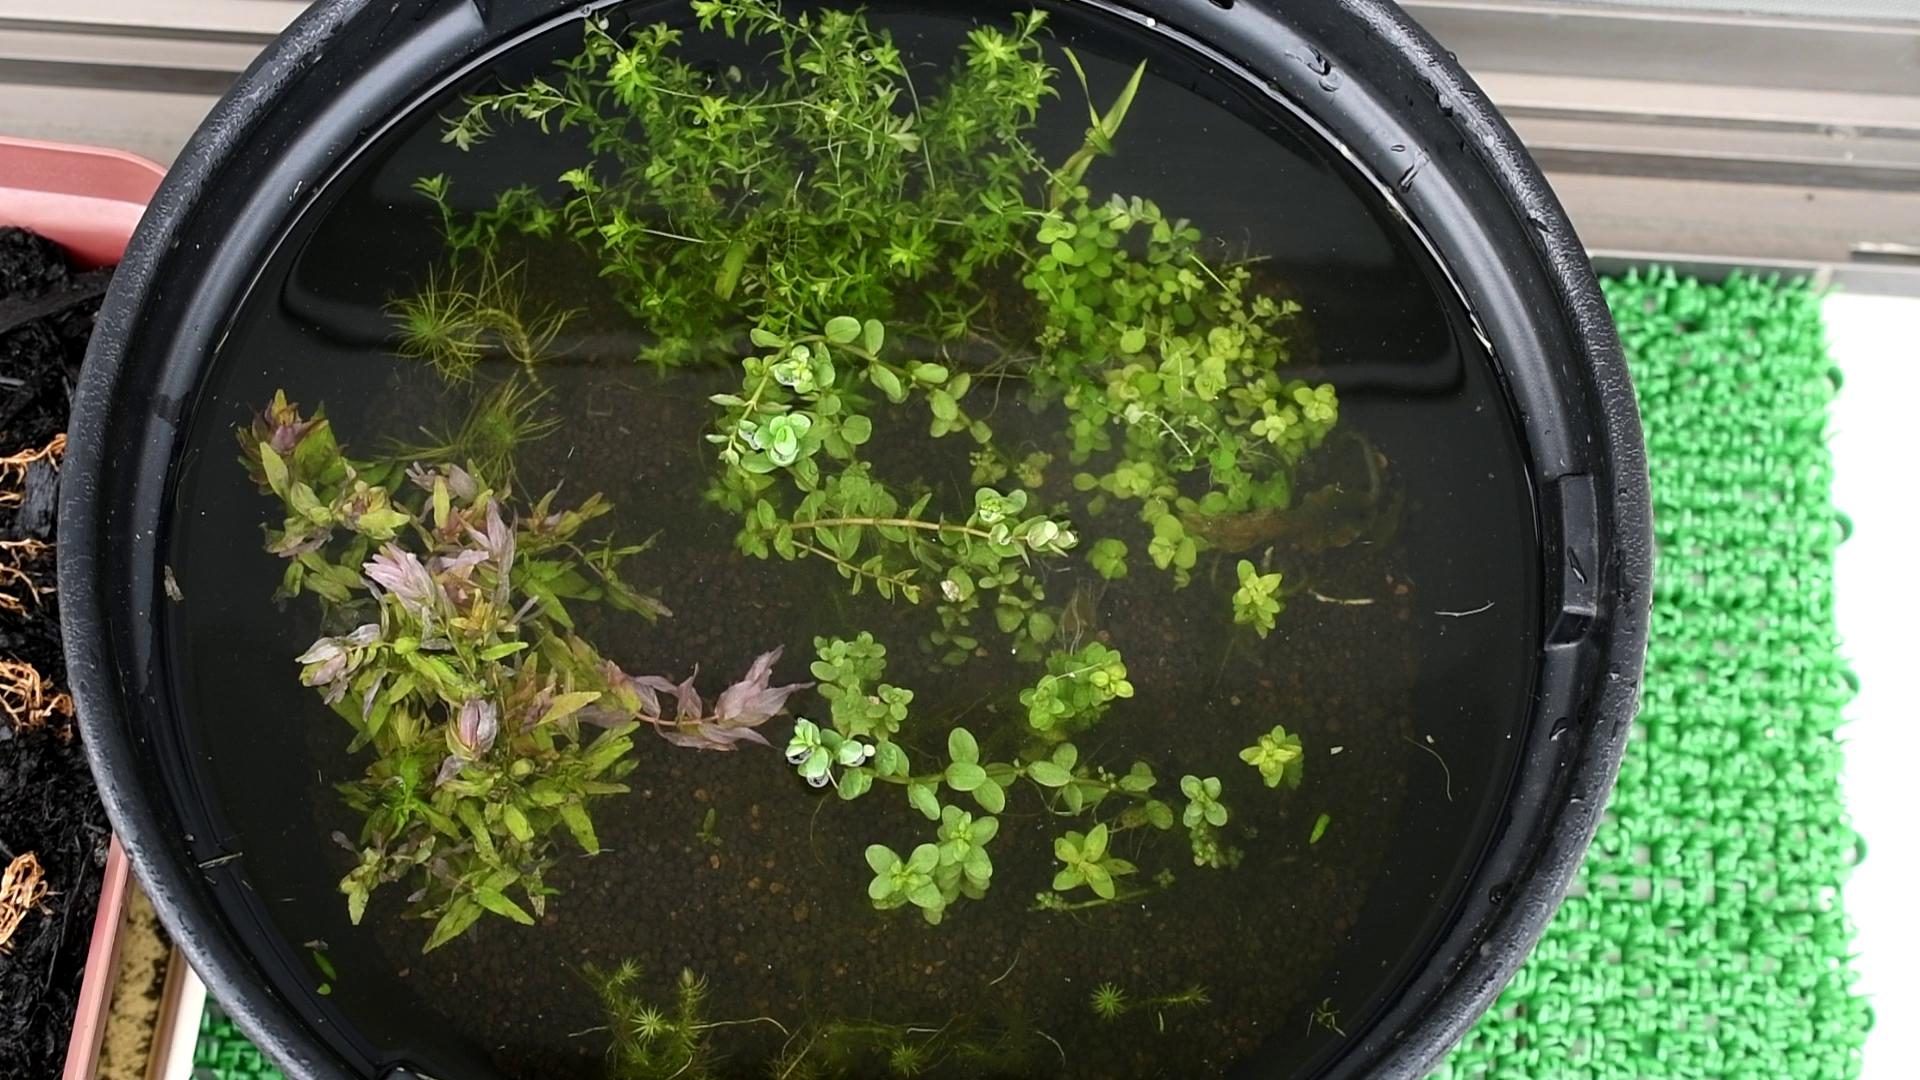 ビオトープ? いや、水草ストック鉢です。